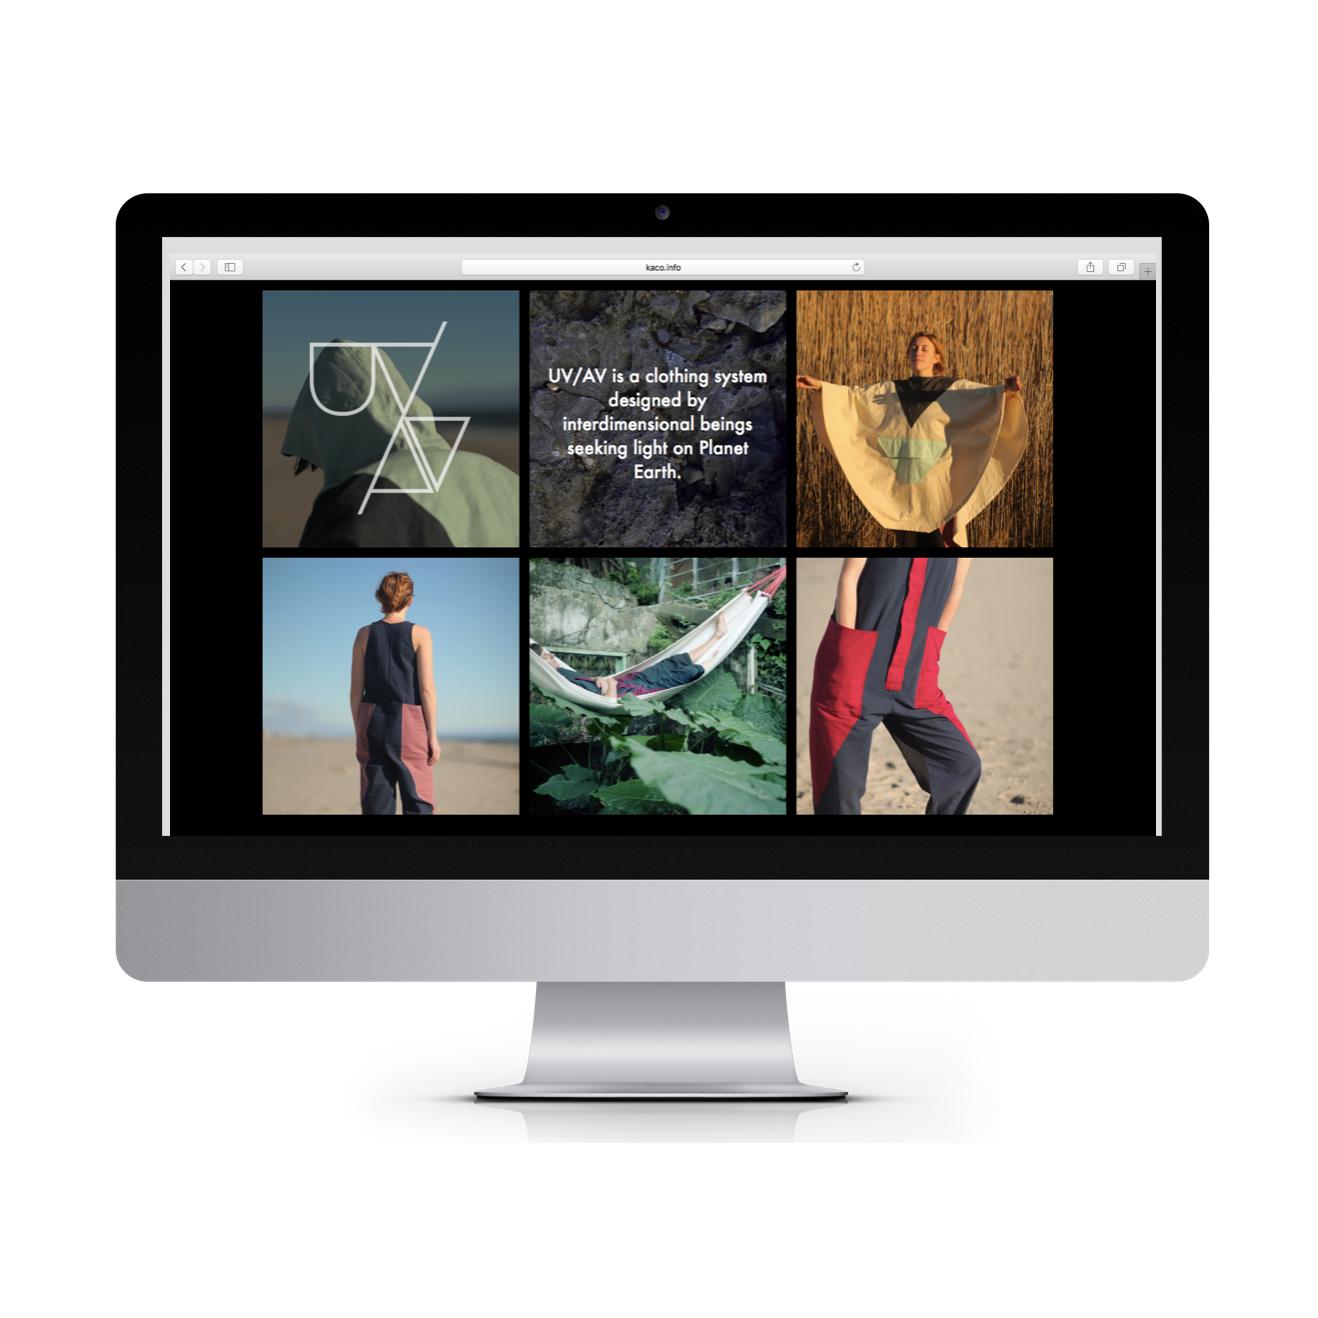 Website -  www.uvav.co